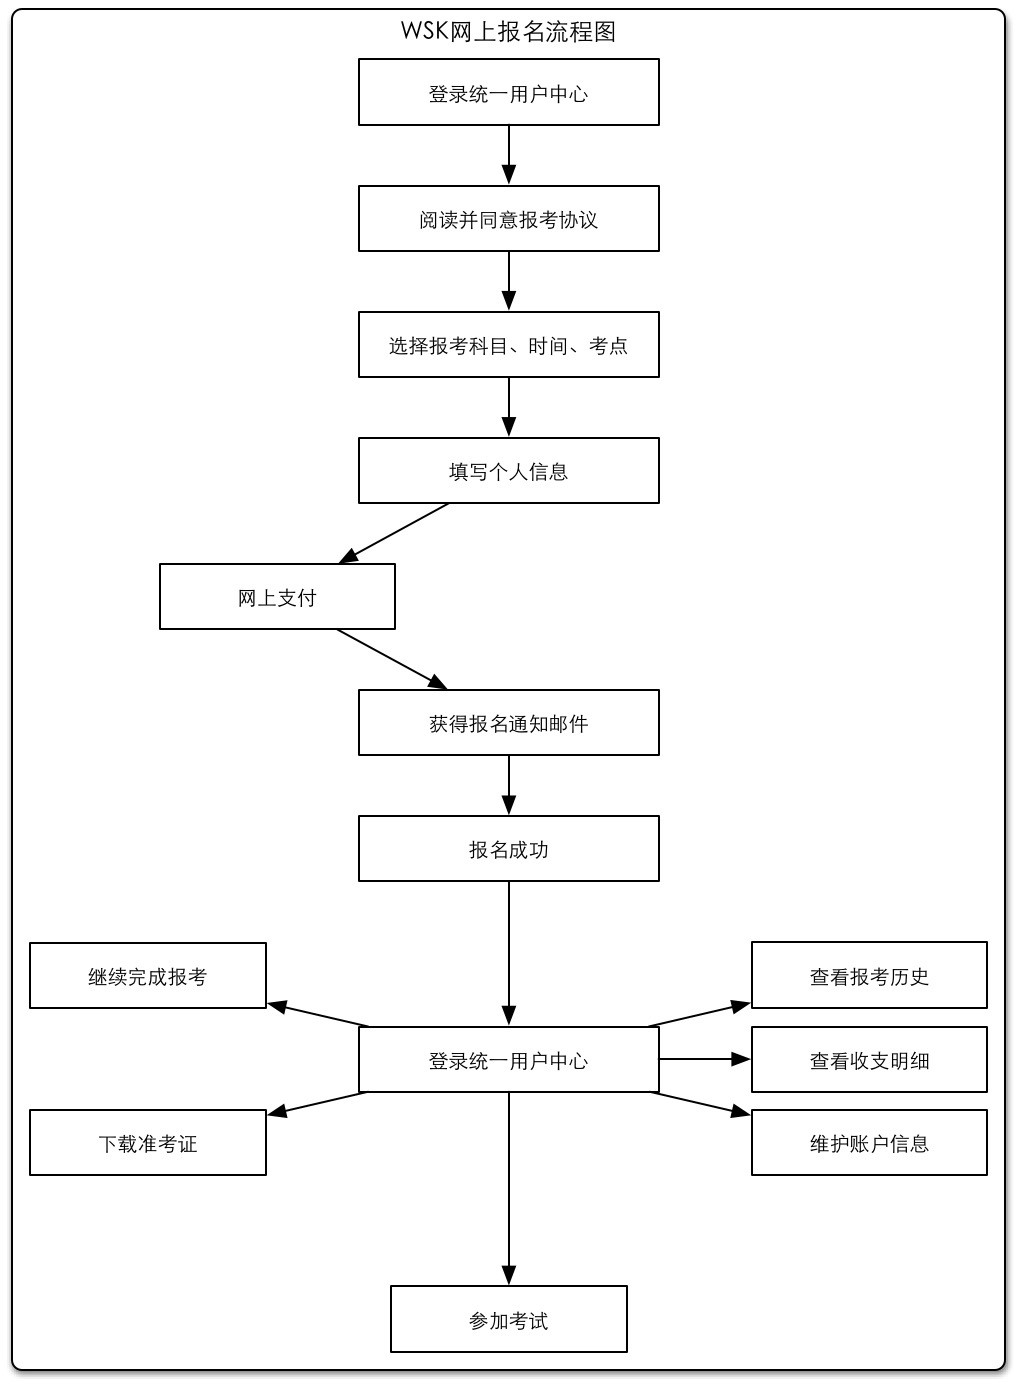 公共英语五级考试报名流程(WSK考试报名流程)